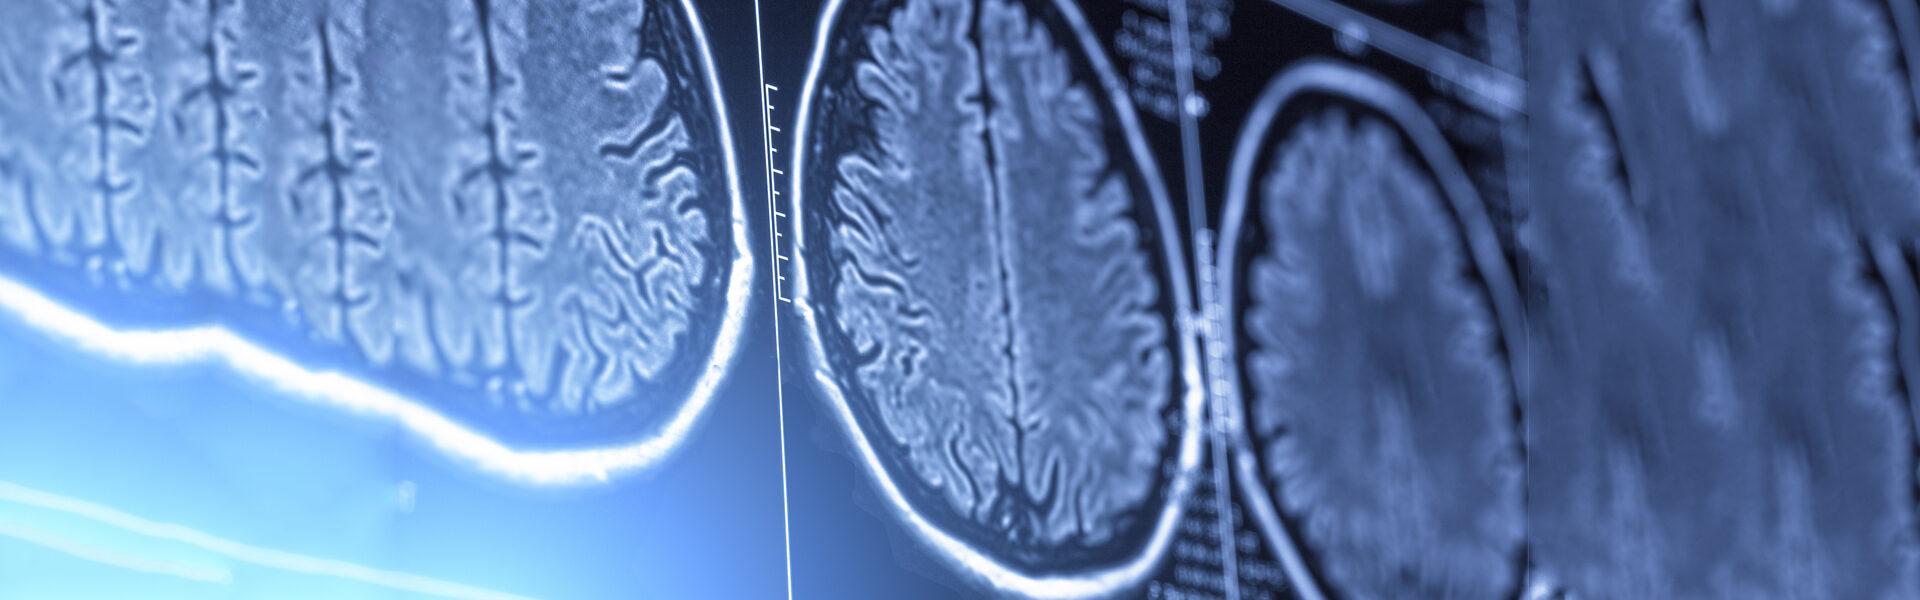 Sleep Apnea and the Brain